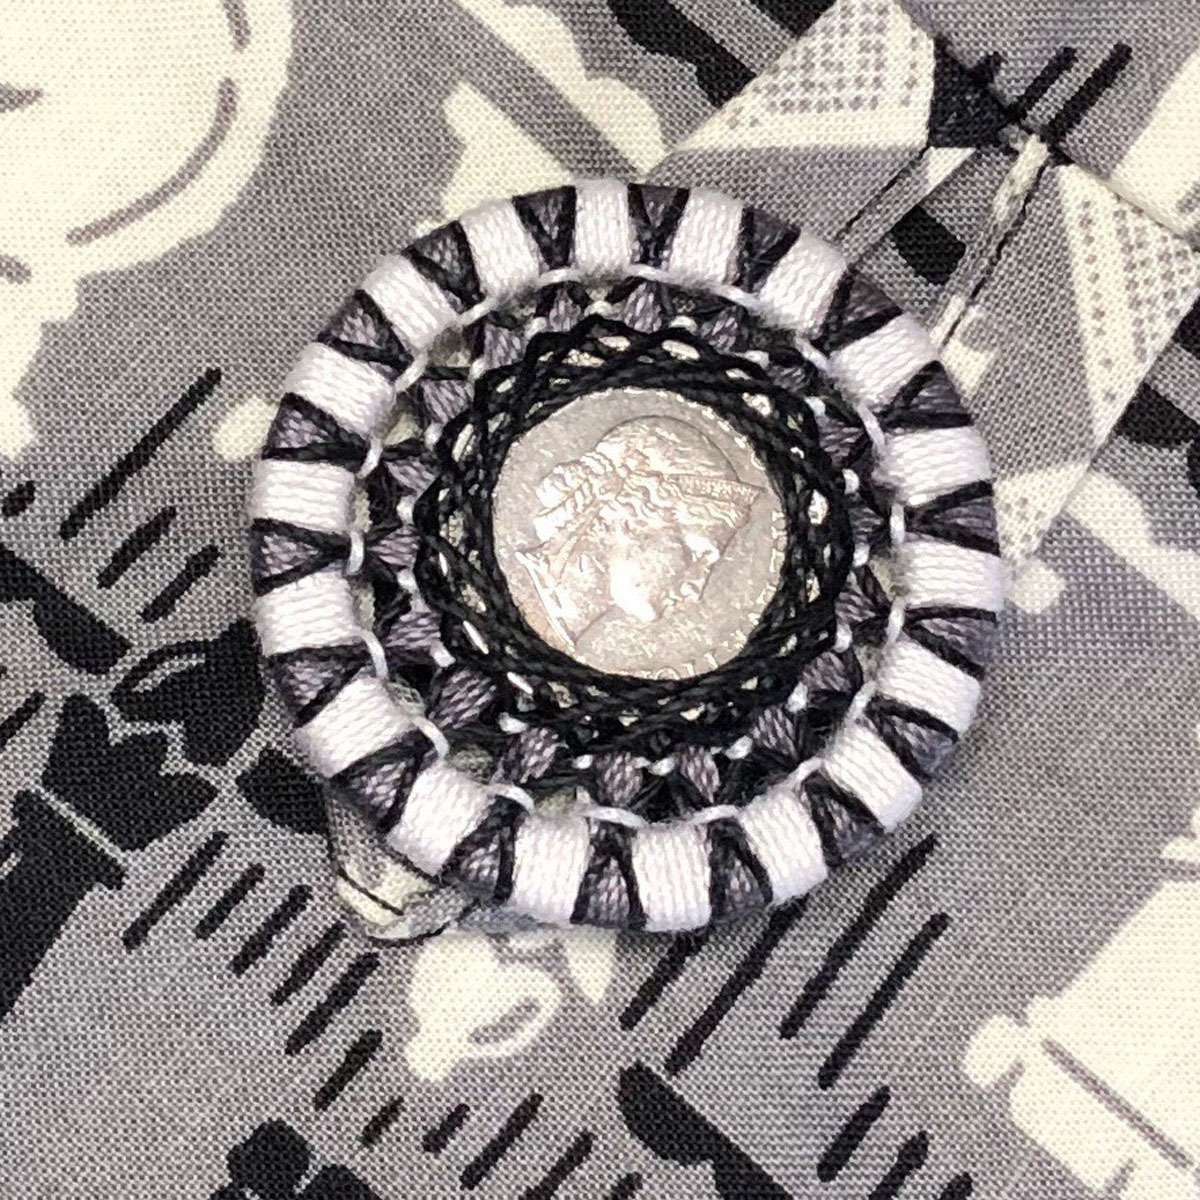 Zwirnknopf mit eingearbeiteter Münze